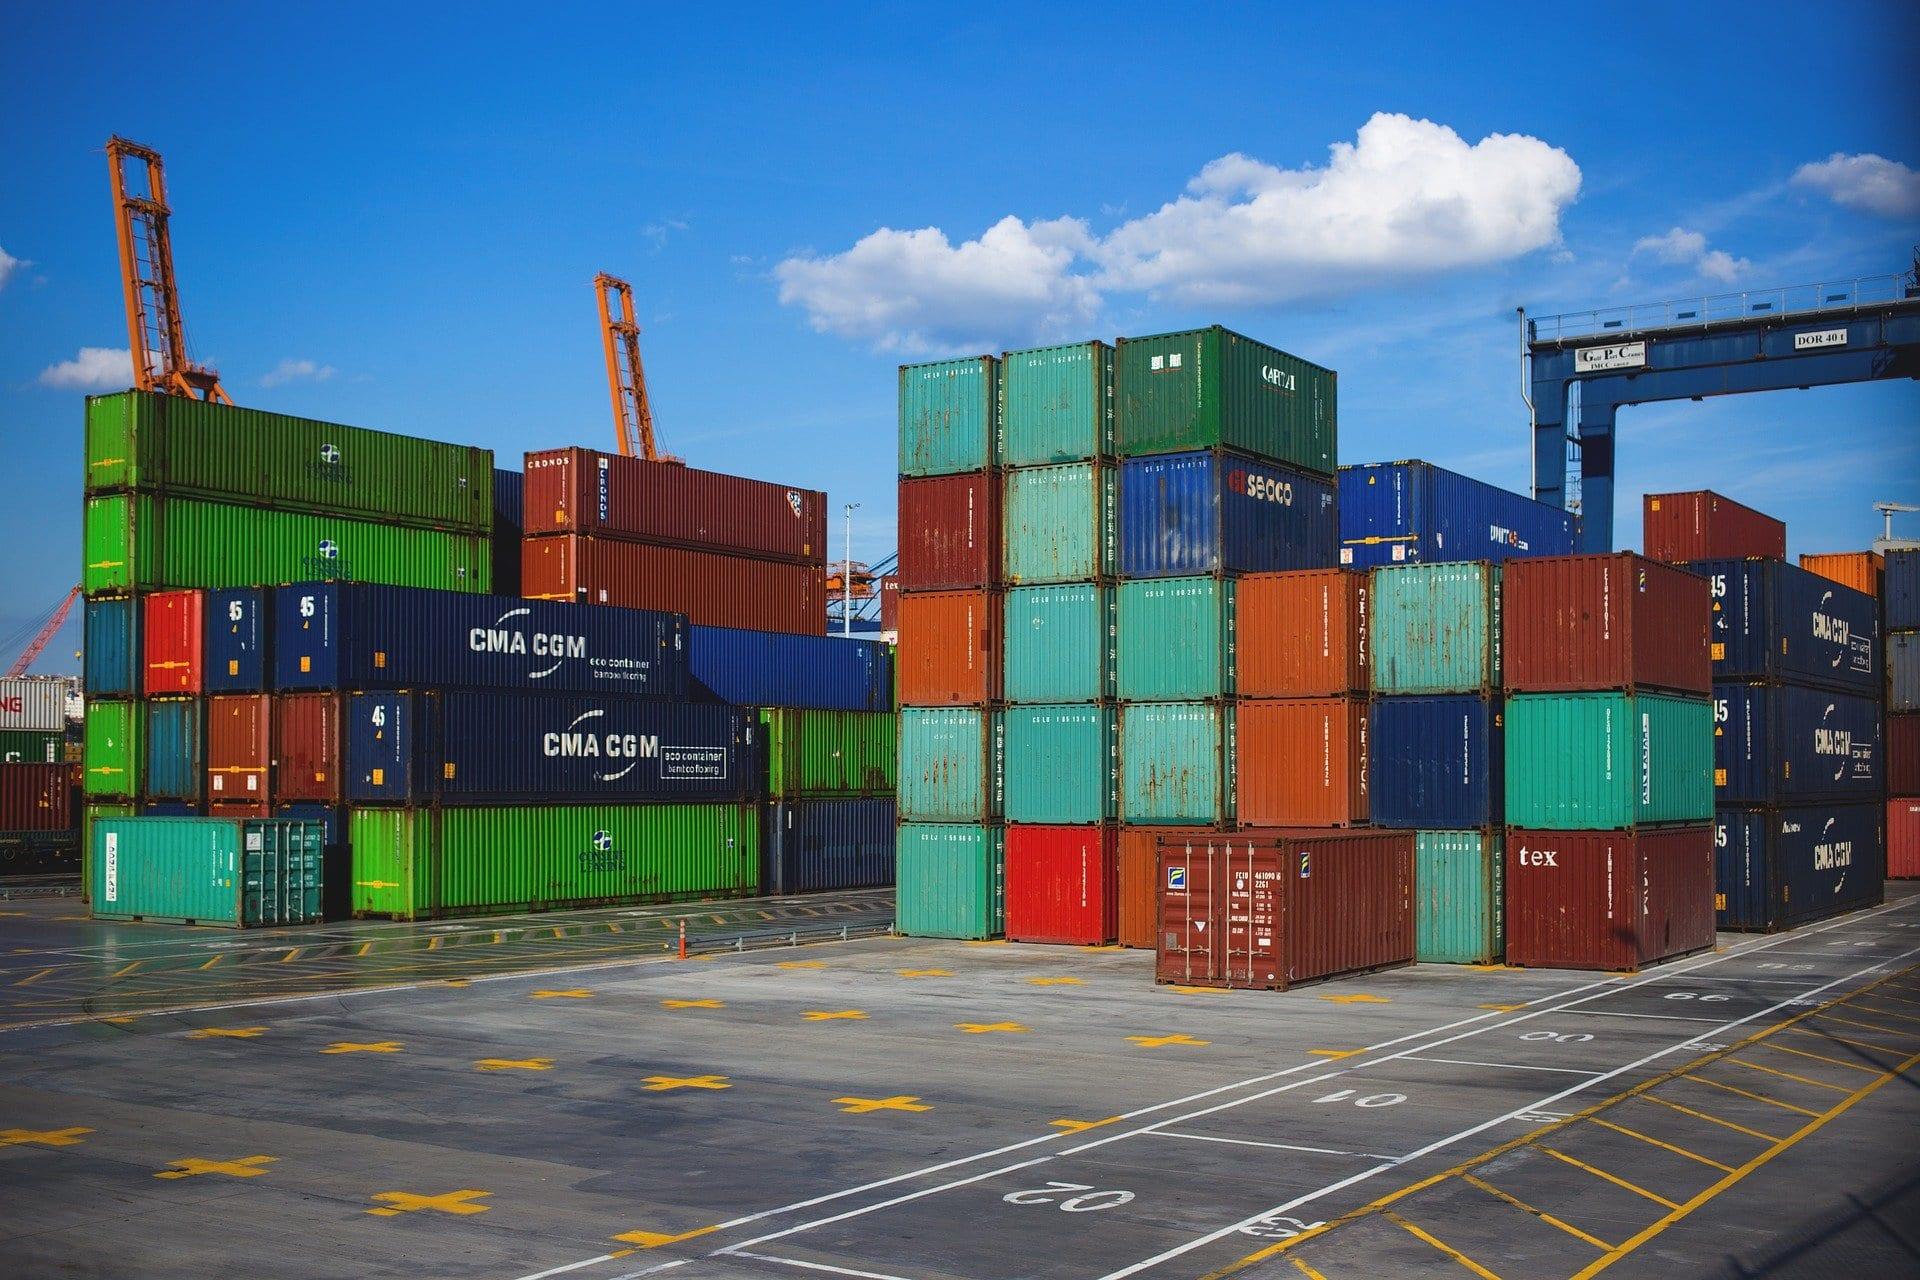 Wie Ostbayerns Wirtschaft wieder Fahrt aufnimmt IHK-Hauptgeschäftsführer Dr. Jürgen Helmes im Blizz-Interview